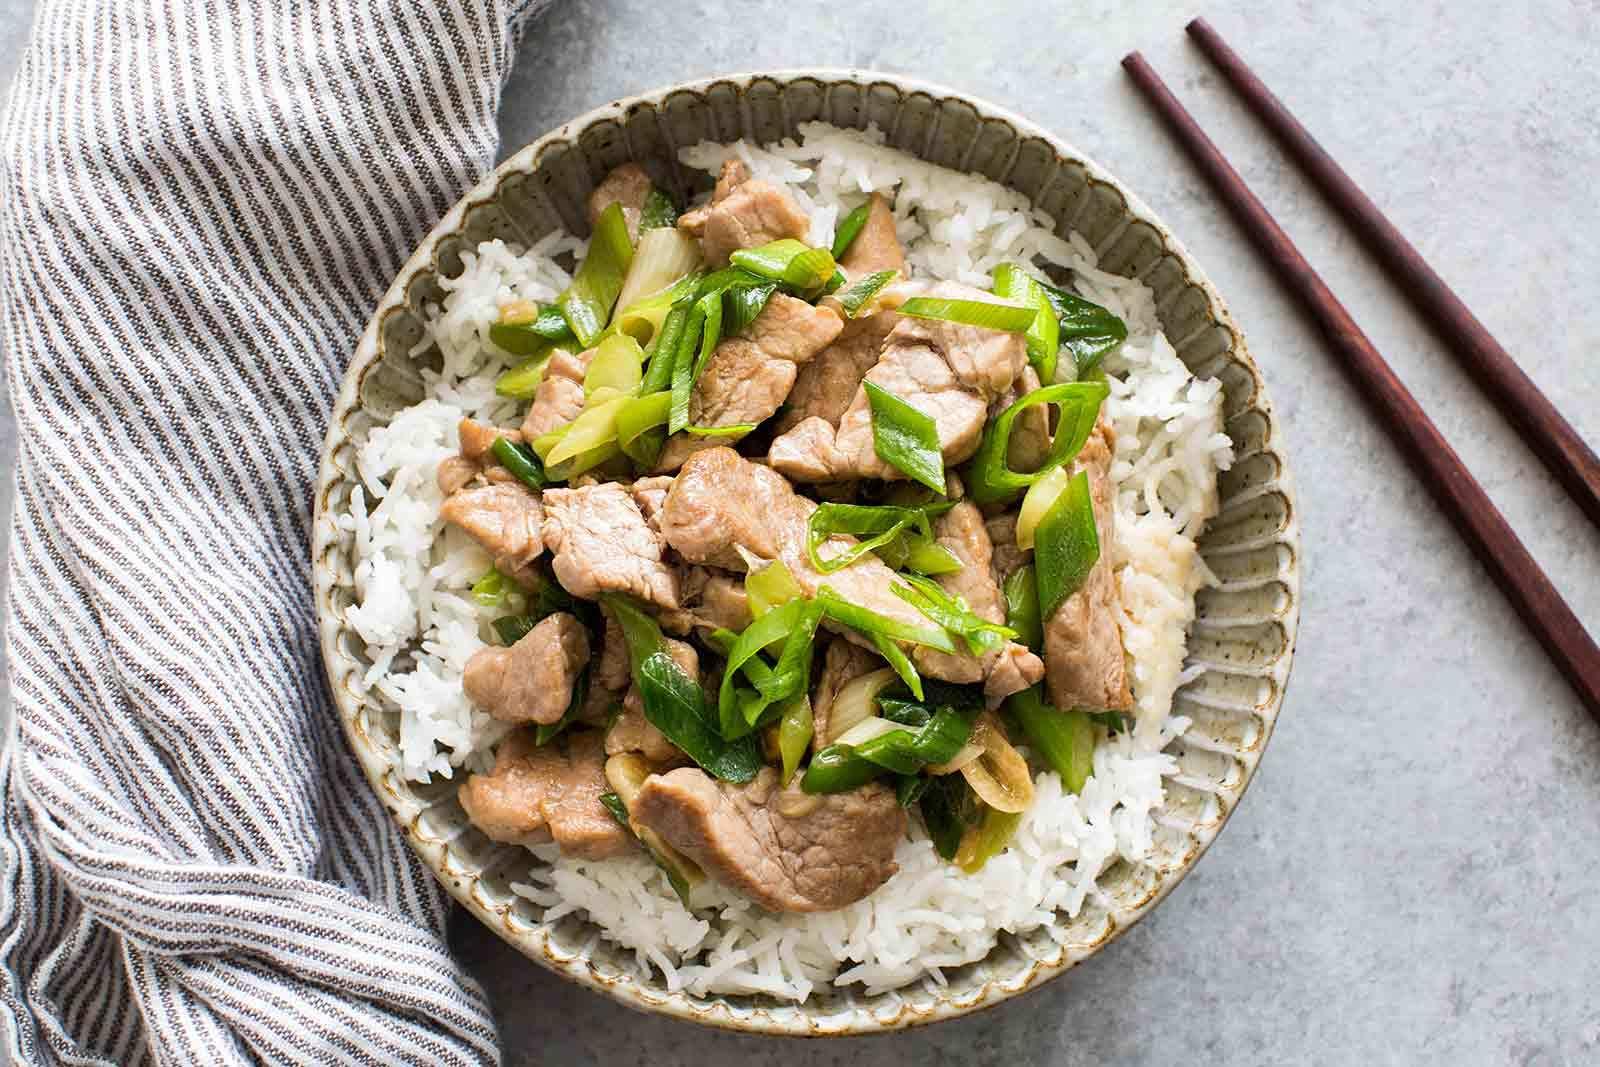 Pork Stir Fry with Green Onion Recipe | SimplyRecipes.com